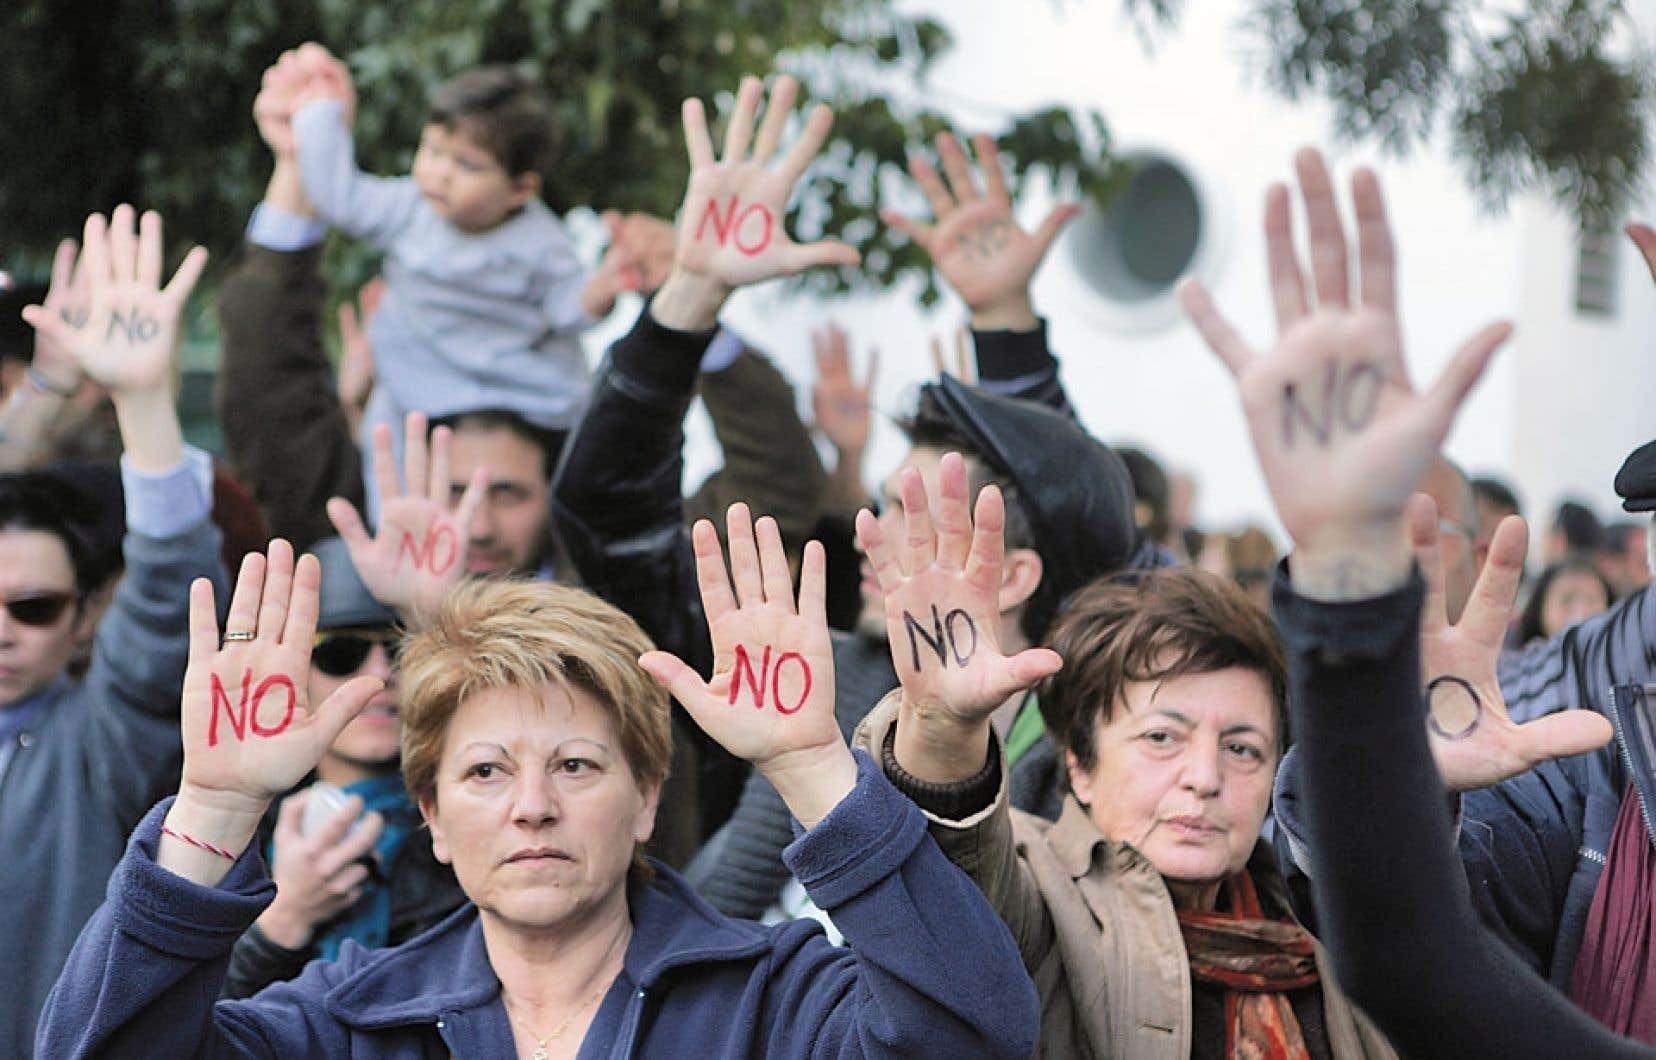 À Nicosie, des petits épargnants ont manifesté leur opposition au plan d'aide à Chypre, qui prévoit l'imposition d'une taxe spéciale sur les dépôts bancaires.